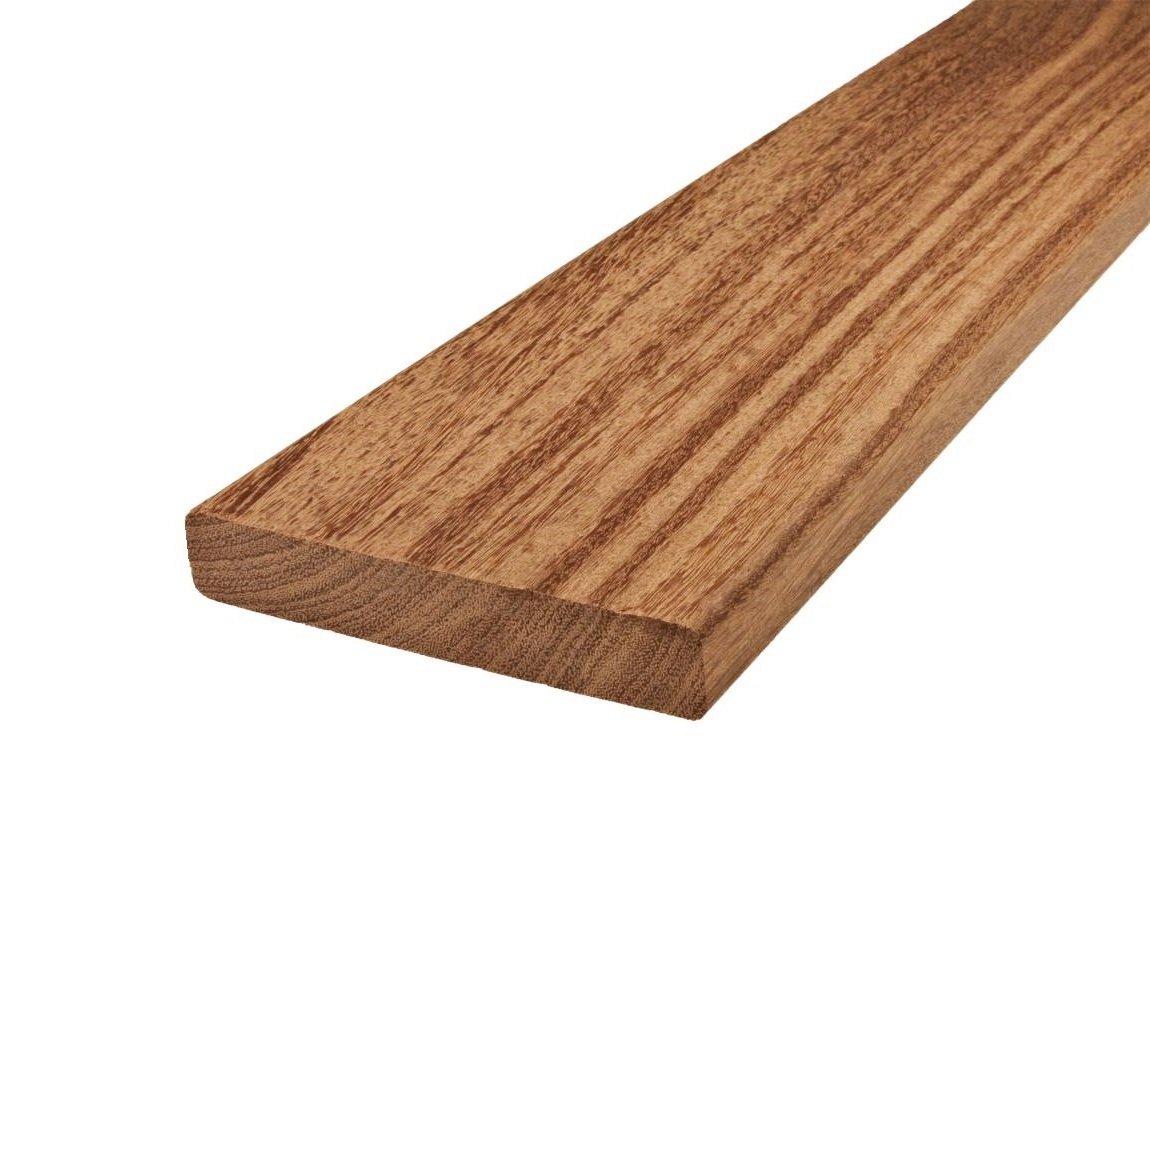 120/mm de largeur Lames de terrasse en cumaru de biomaderas/® marron 21/mm d/épaisseur